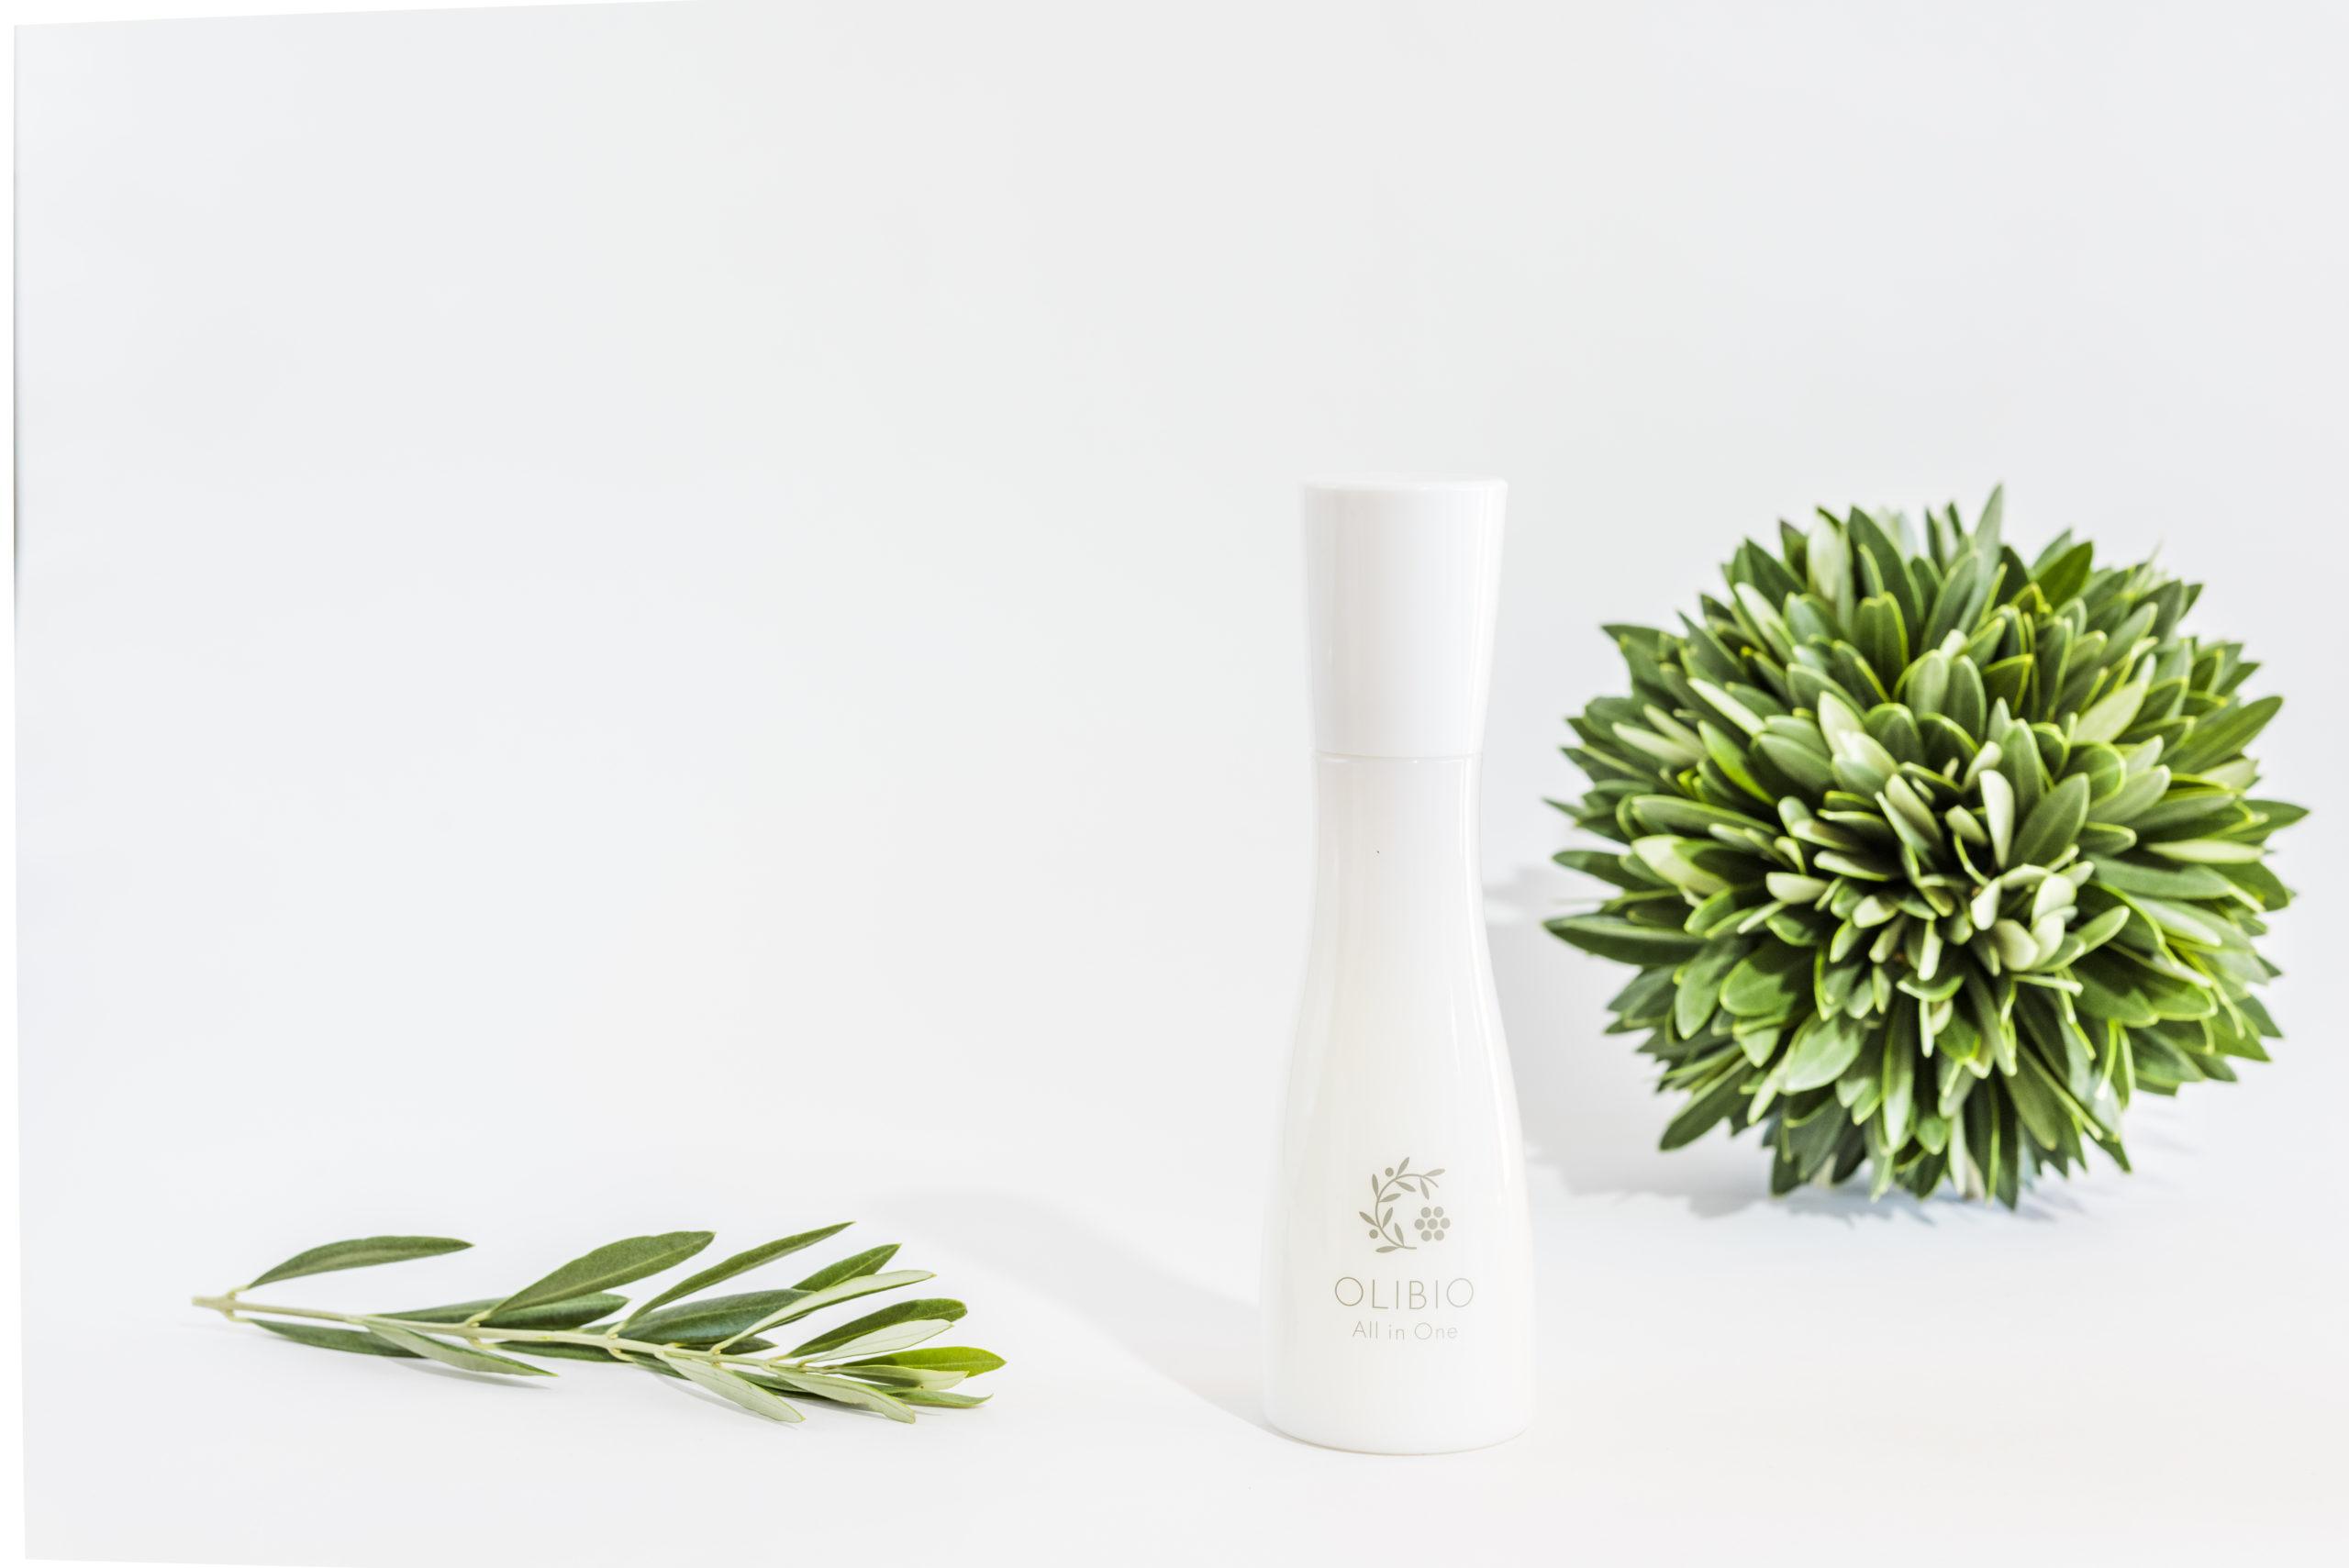 OLIBIO(オリビオ)オールインワンの口コミ【100%天然オリーブの美容オイル】